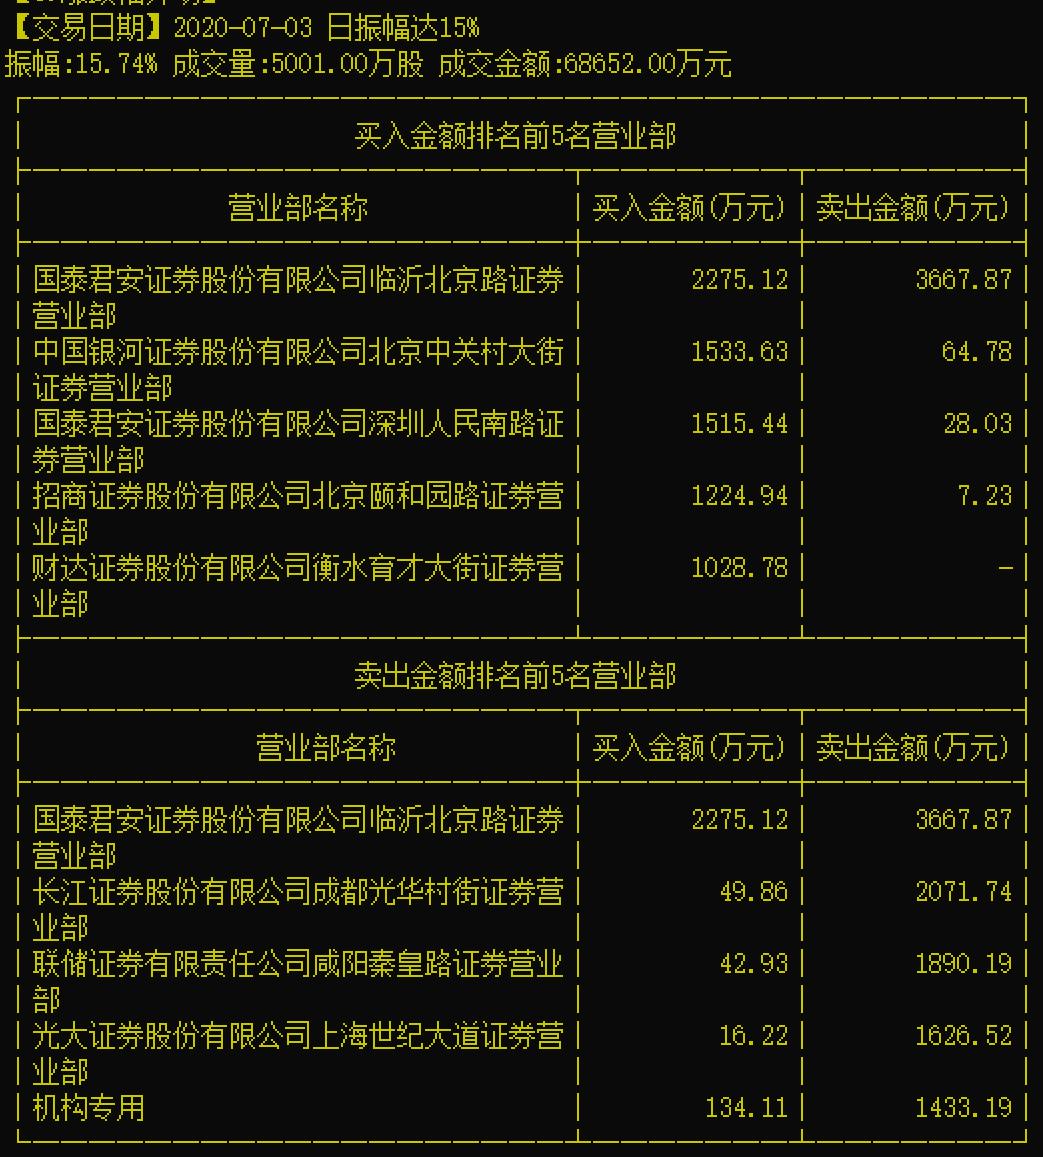 威华股份获宁德时代大单前涨停,屡次股价大涨+利好公布有何玄机?